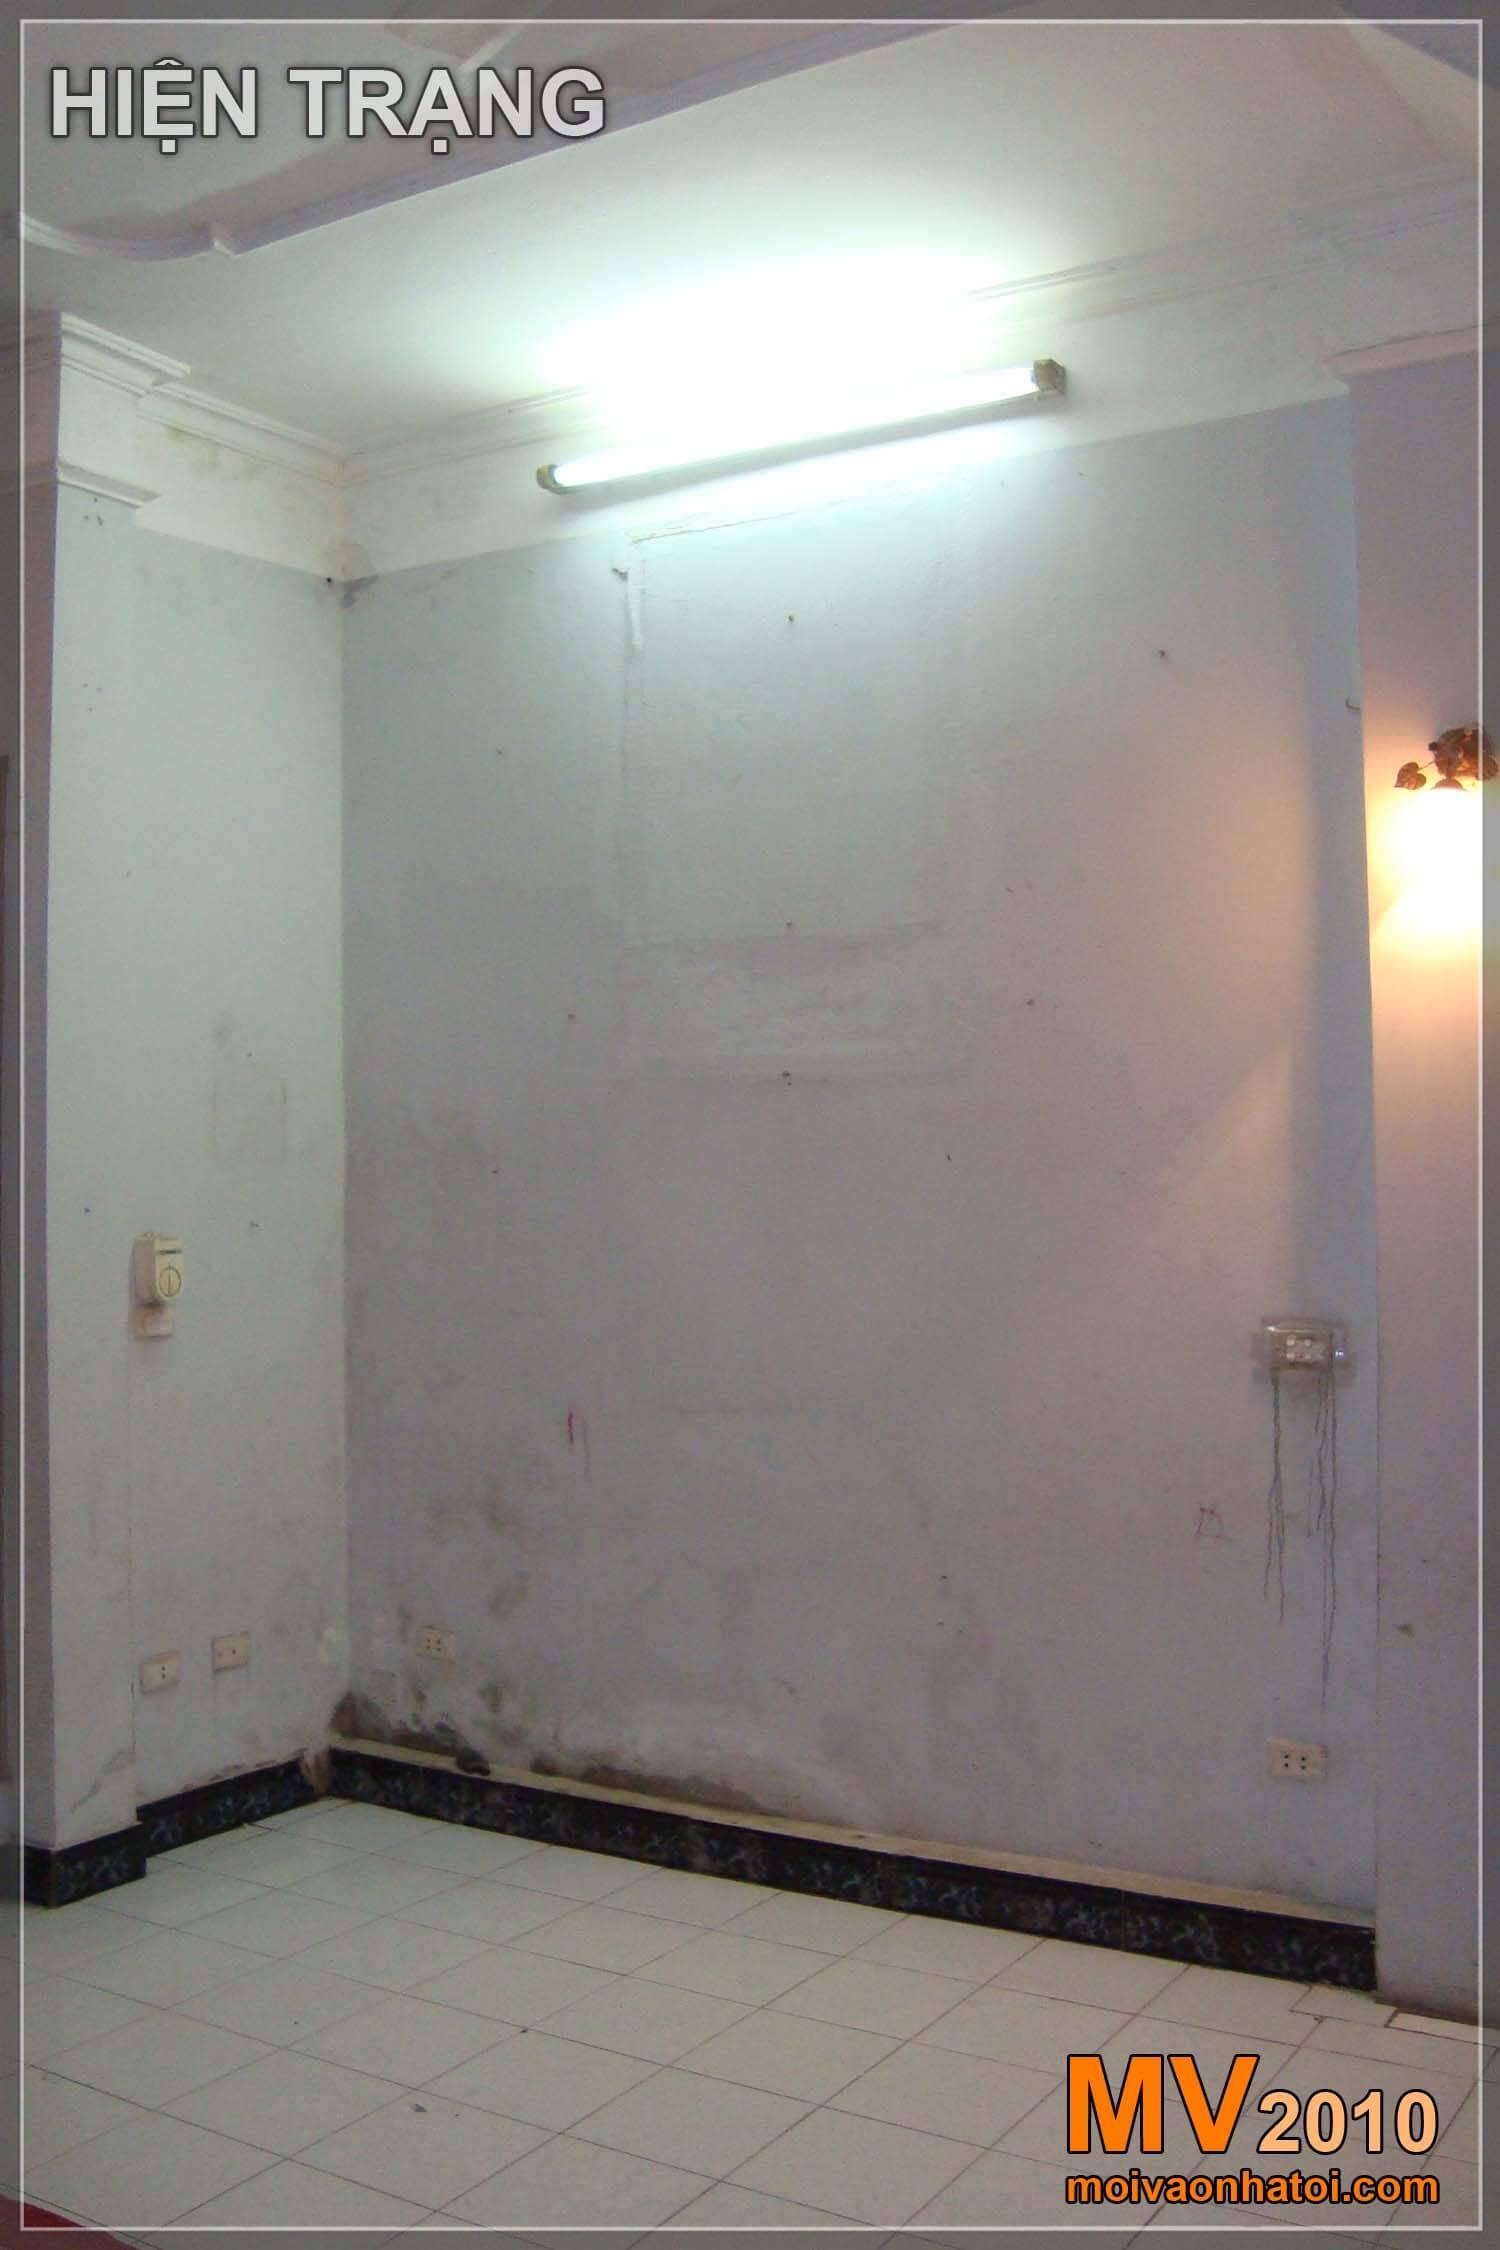 Biến xấu: thành nội thất phòng ngủ đẹp